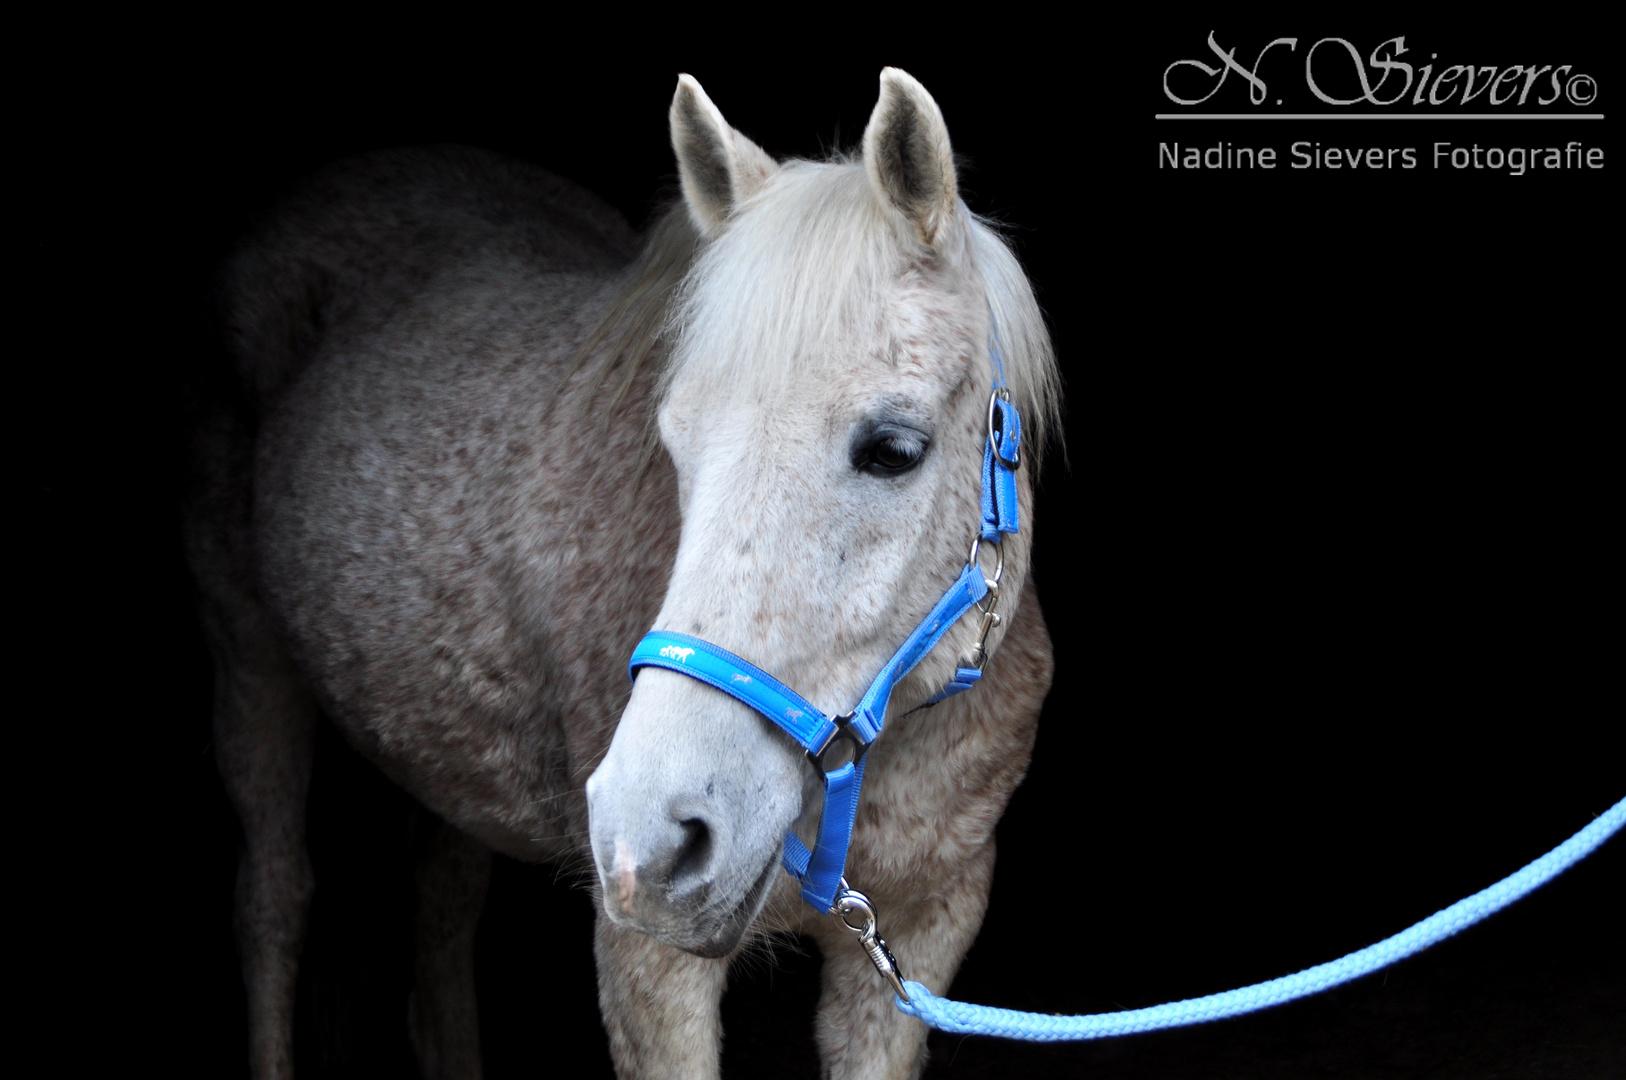 Pferd Weiss auf Schwarz